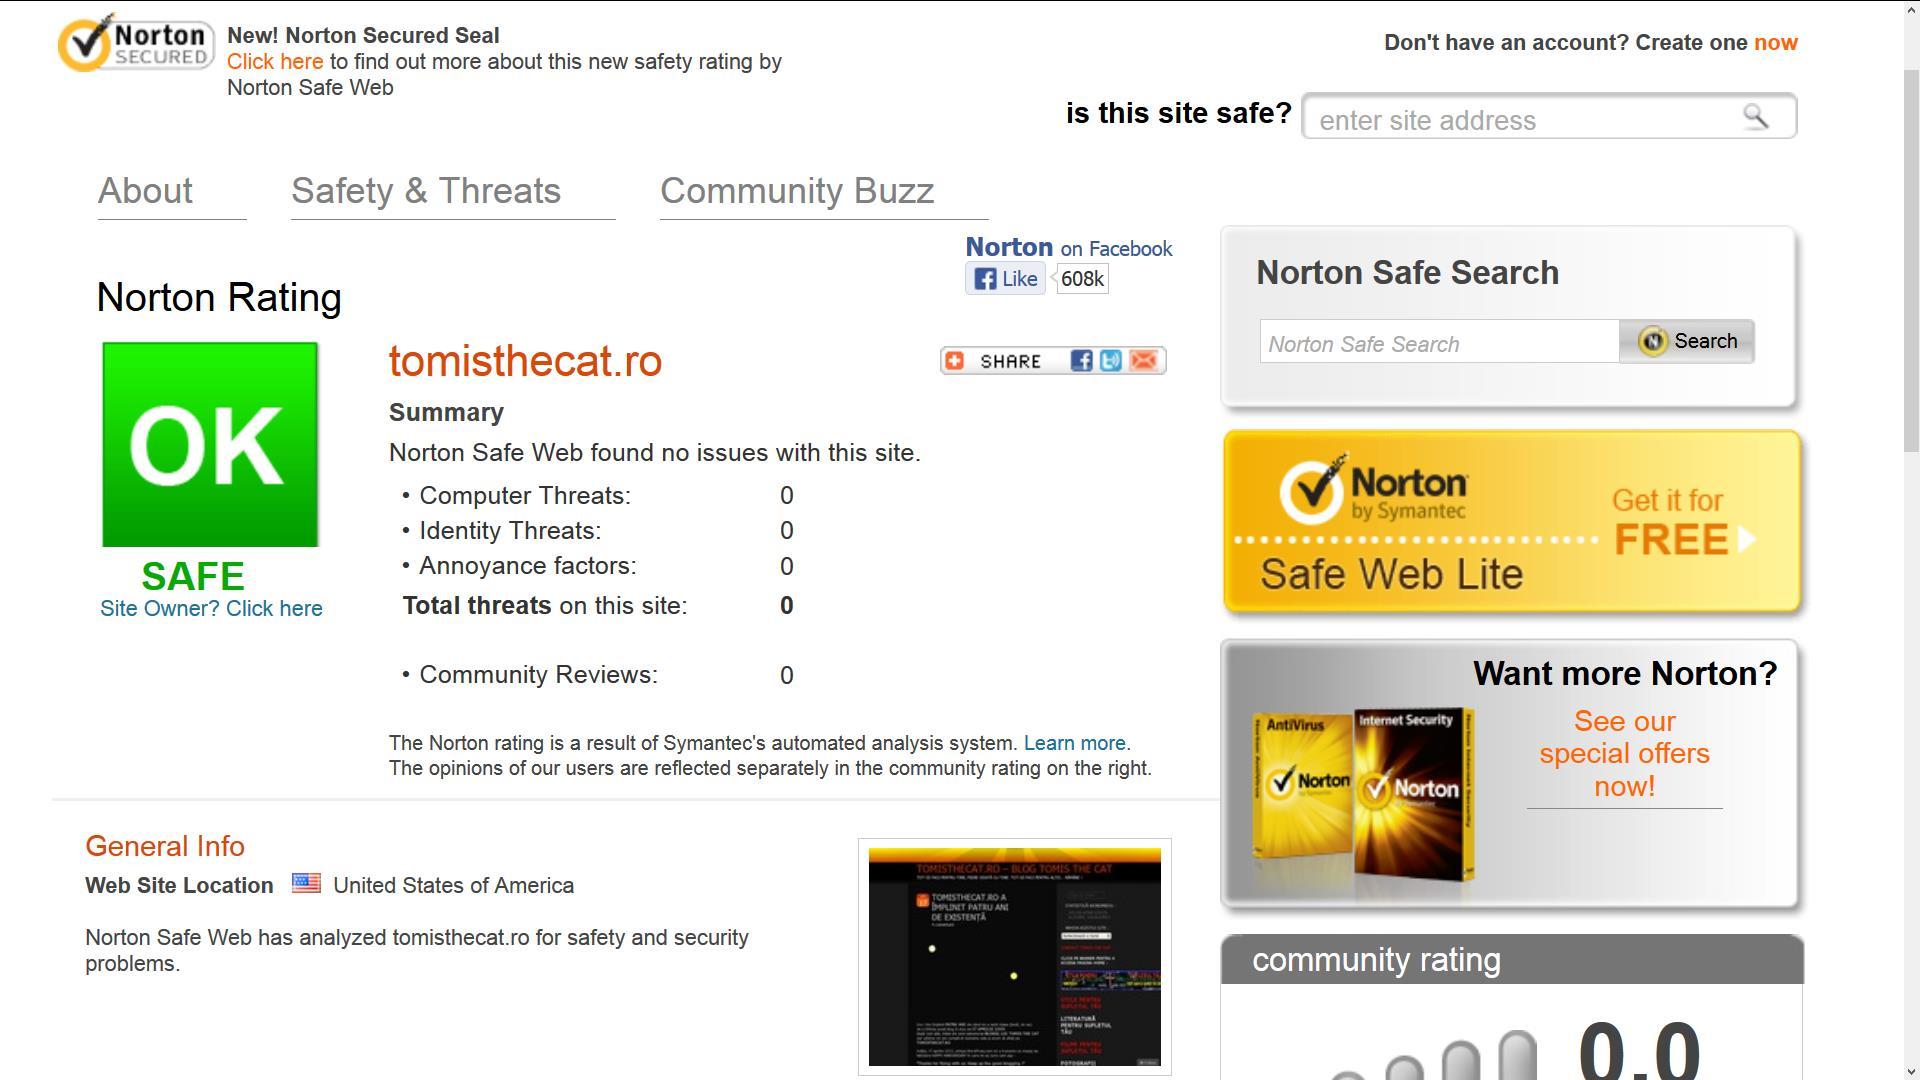 NORTON SAFE WEB CONFIRMA FAPTUL CA BLOGUL TOMISTHECAT.RO ESTE SIGUR SI NU PREZINTA NICIO AMENINTARE